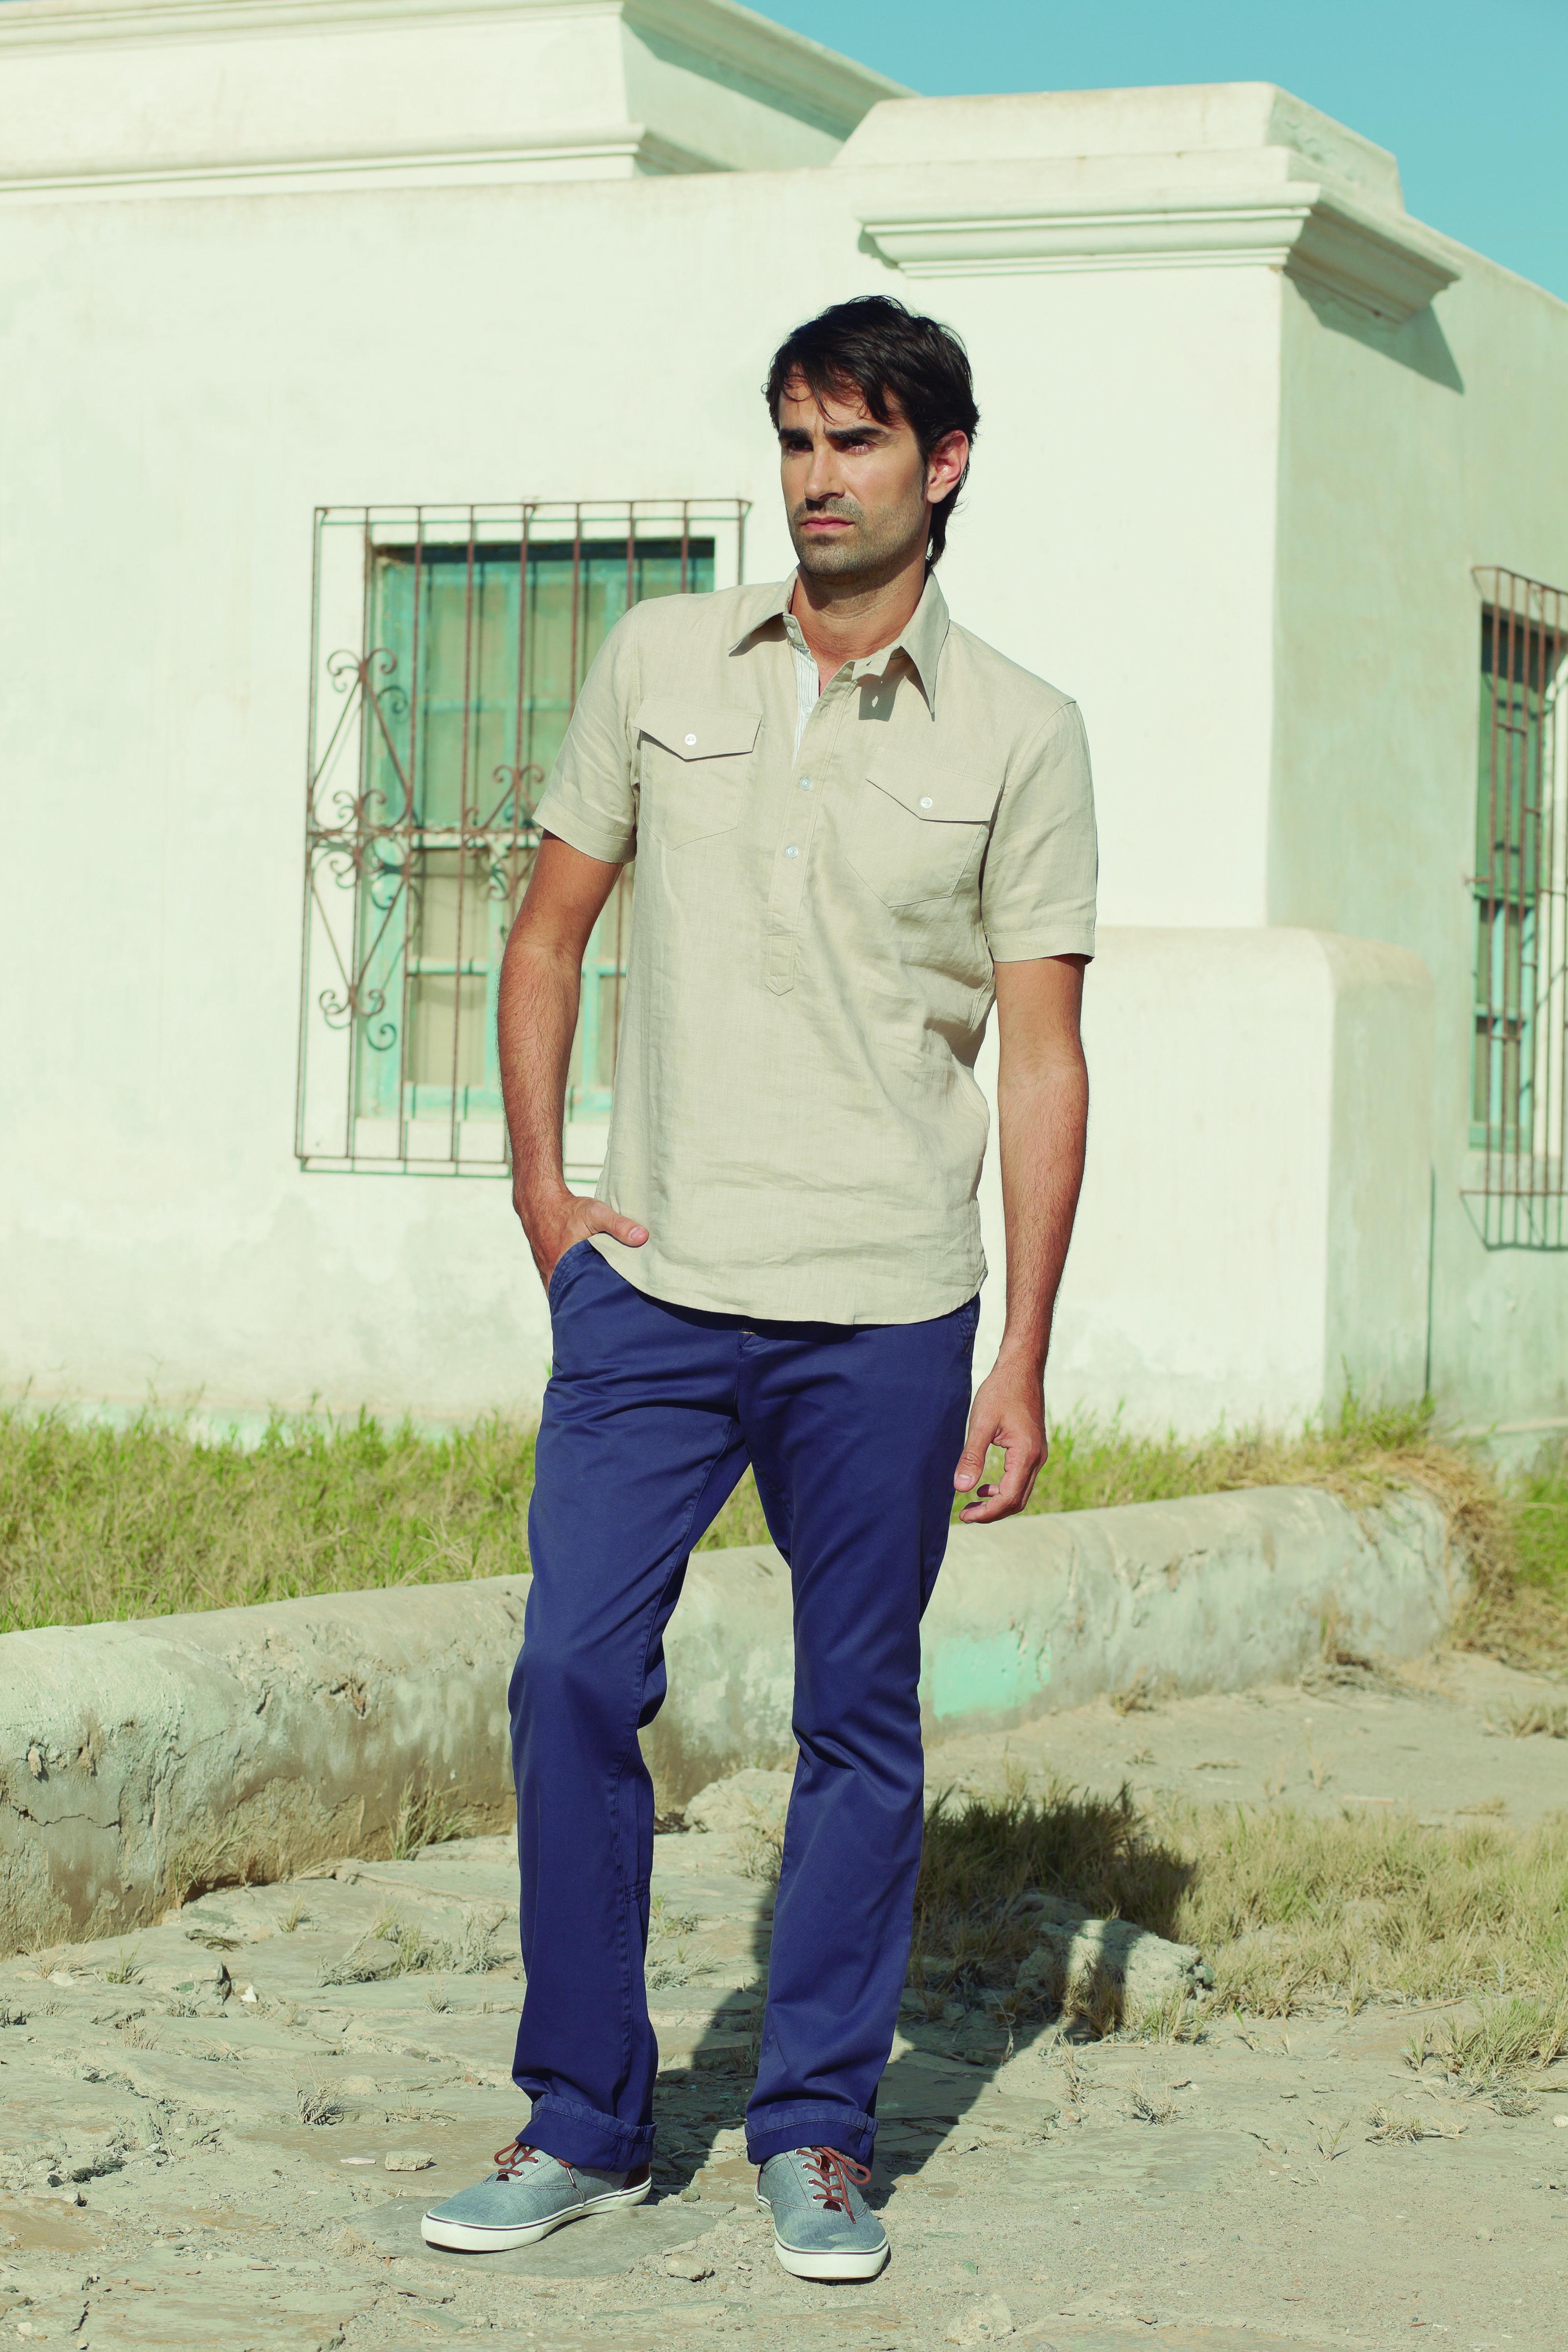 Camisa de lino con media pechera (código: OMCC0014) - Pantalón de drill con detalles en bolsillos (código: OMPA0009)